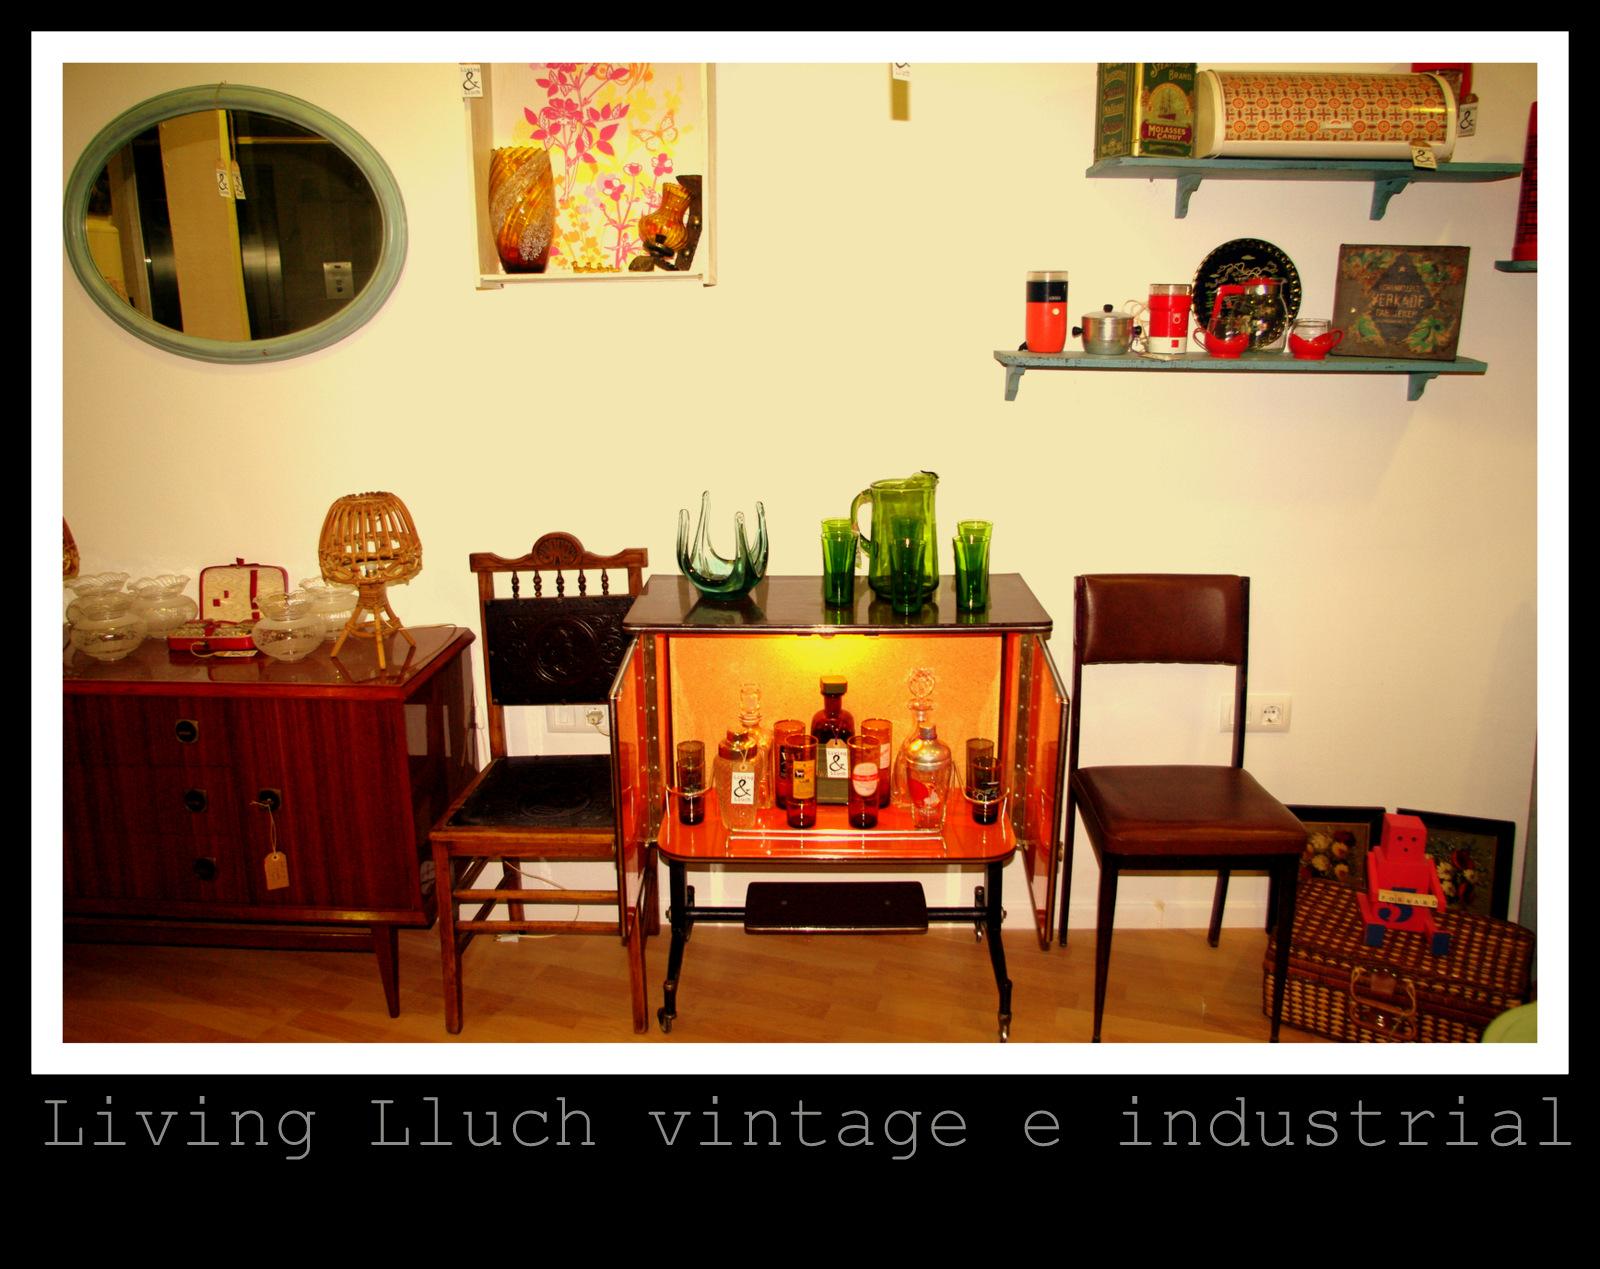 Muebles y objetos vintage reciclado de mobiliario vintage for Reciclado de muebles y objetos